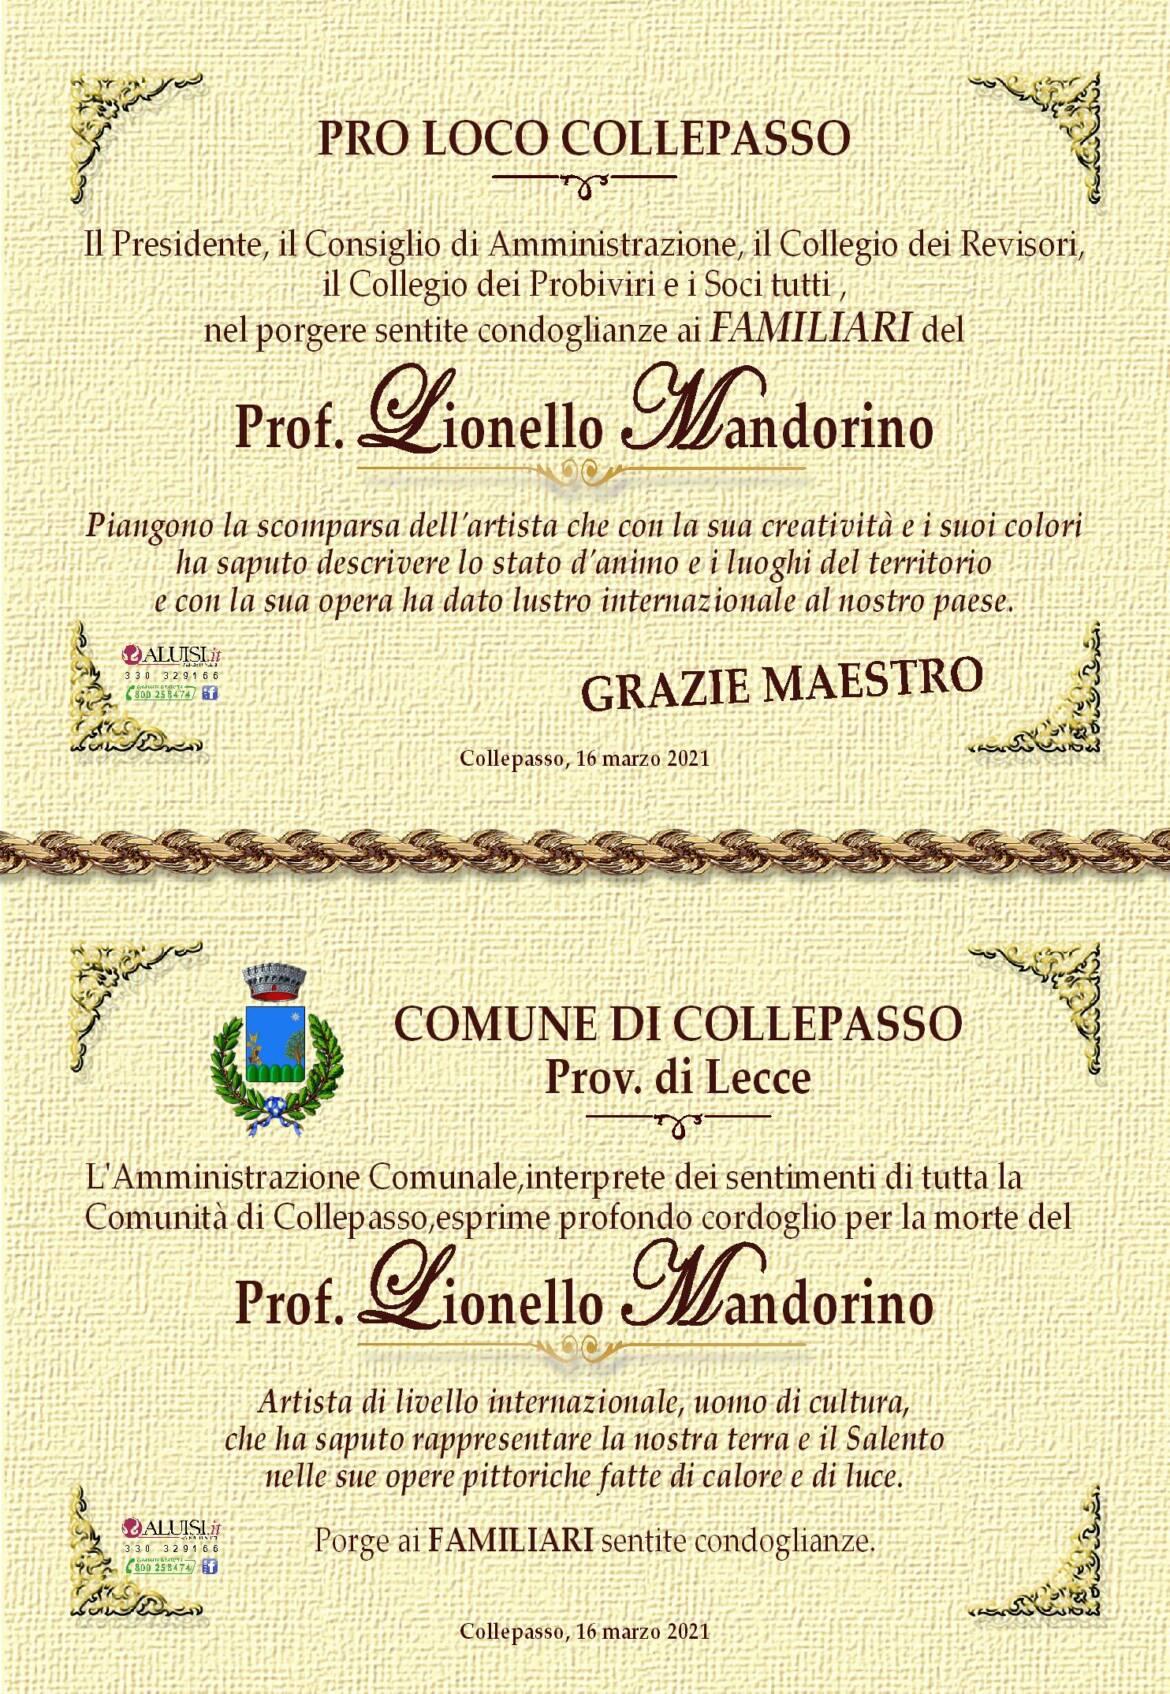 partecipazione-lionello-mandorino3.jpg